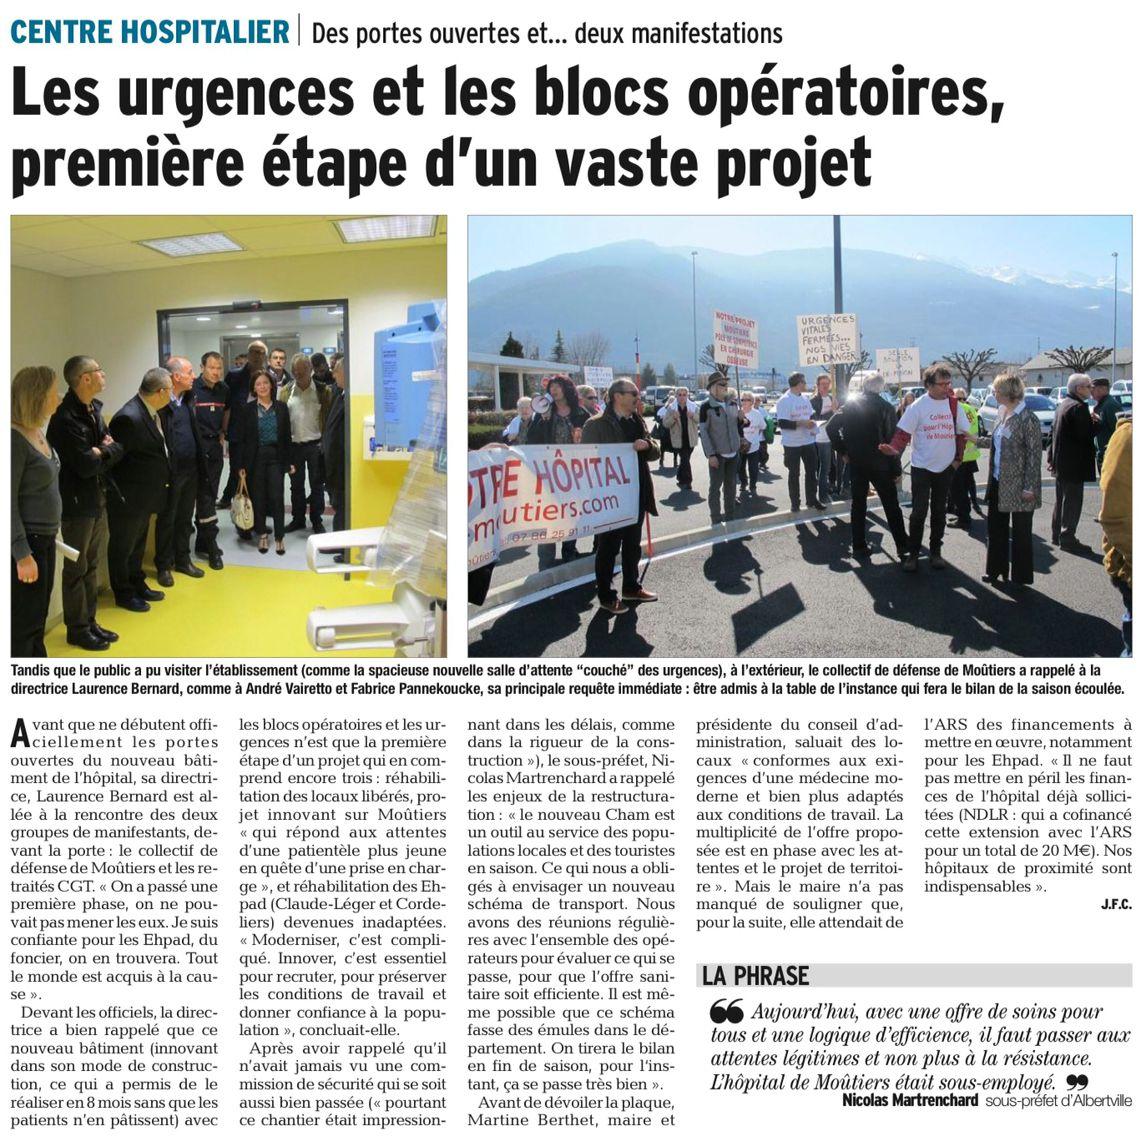 2016-04-01 - Des portes ouvertes et deux manifestations - Les urgences et les blocs opératoires, première étape d'un vaste projet